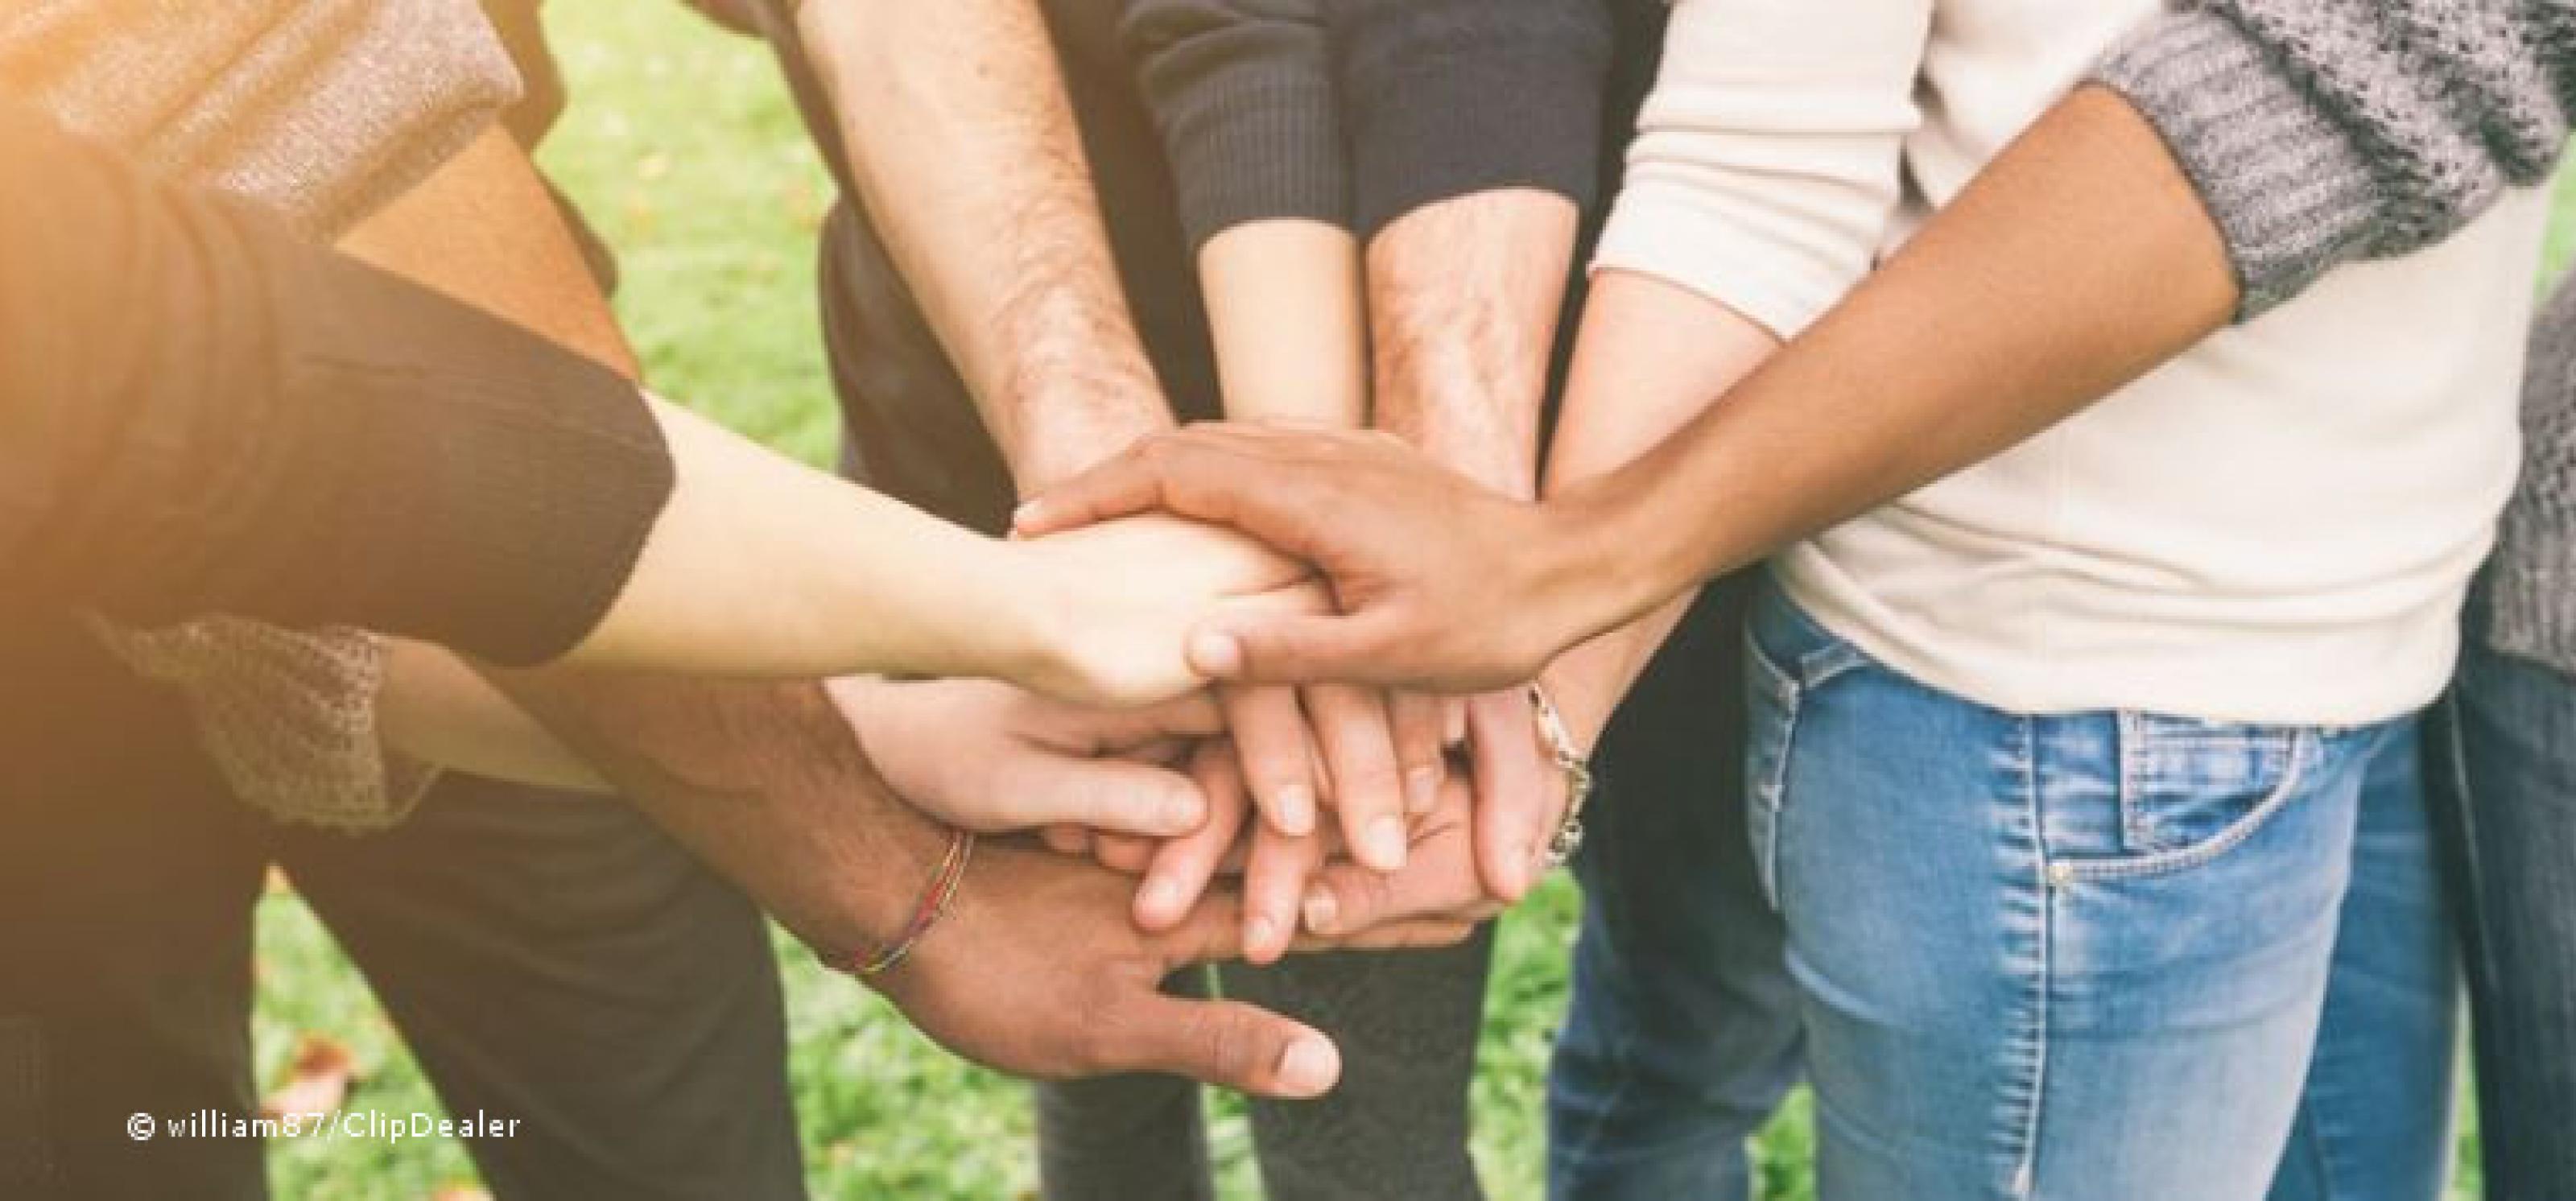 Viele verschiedene Hände greifen ineinander